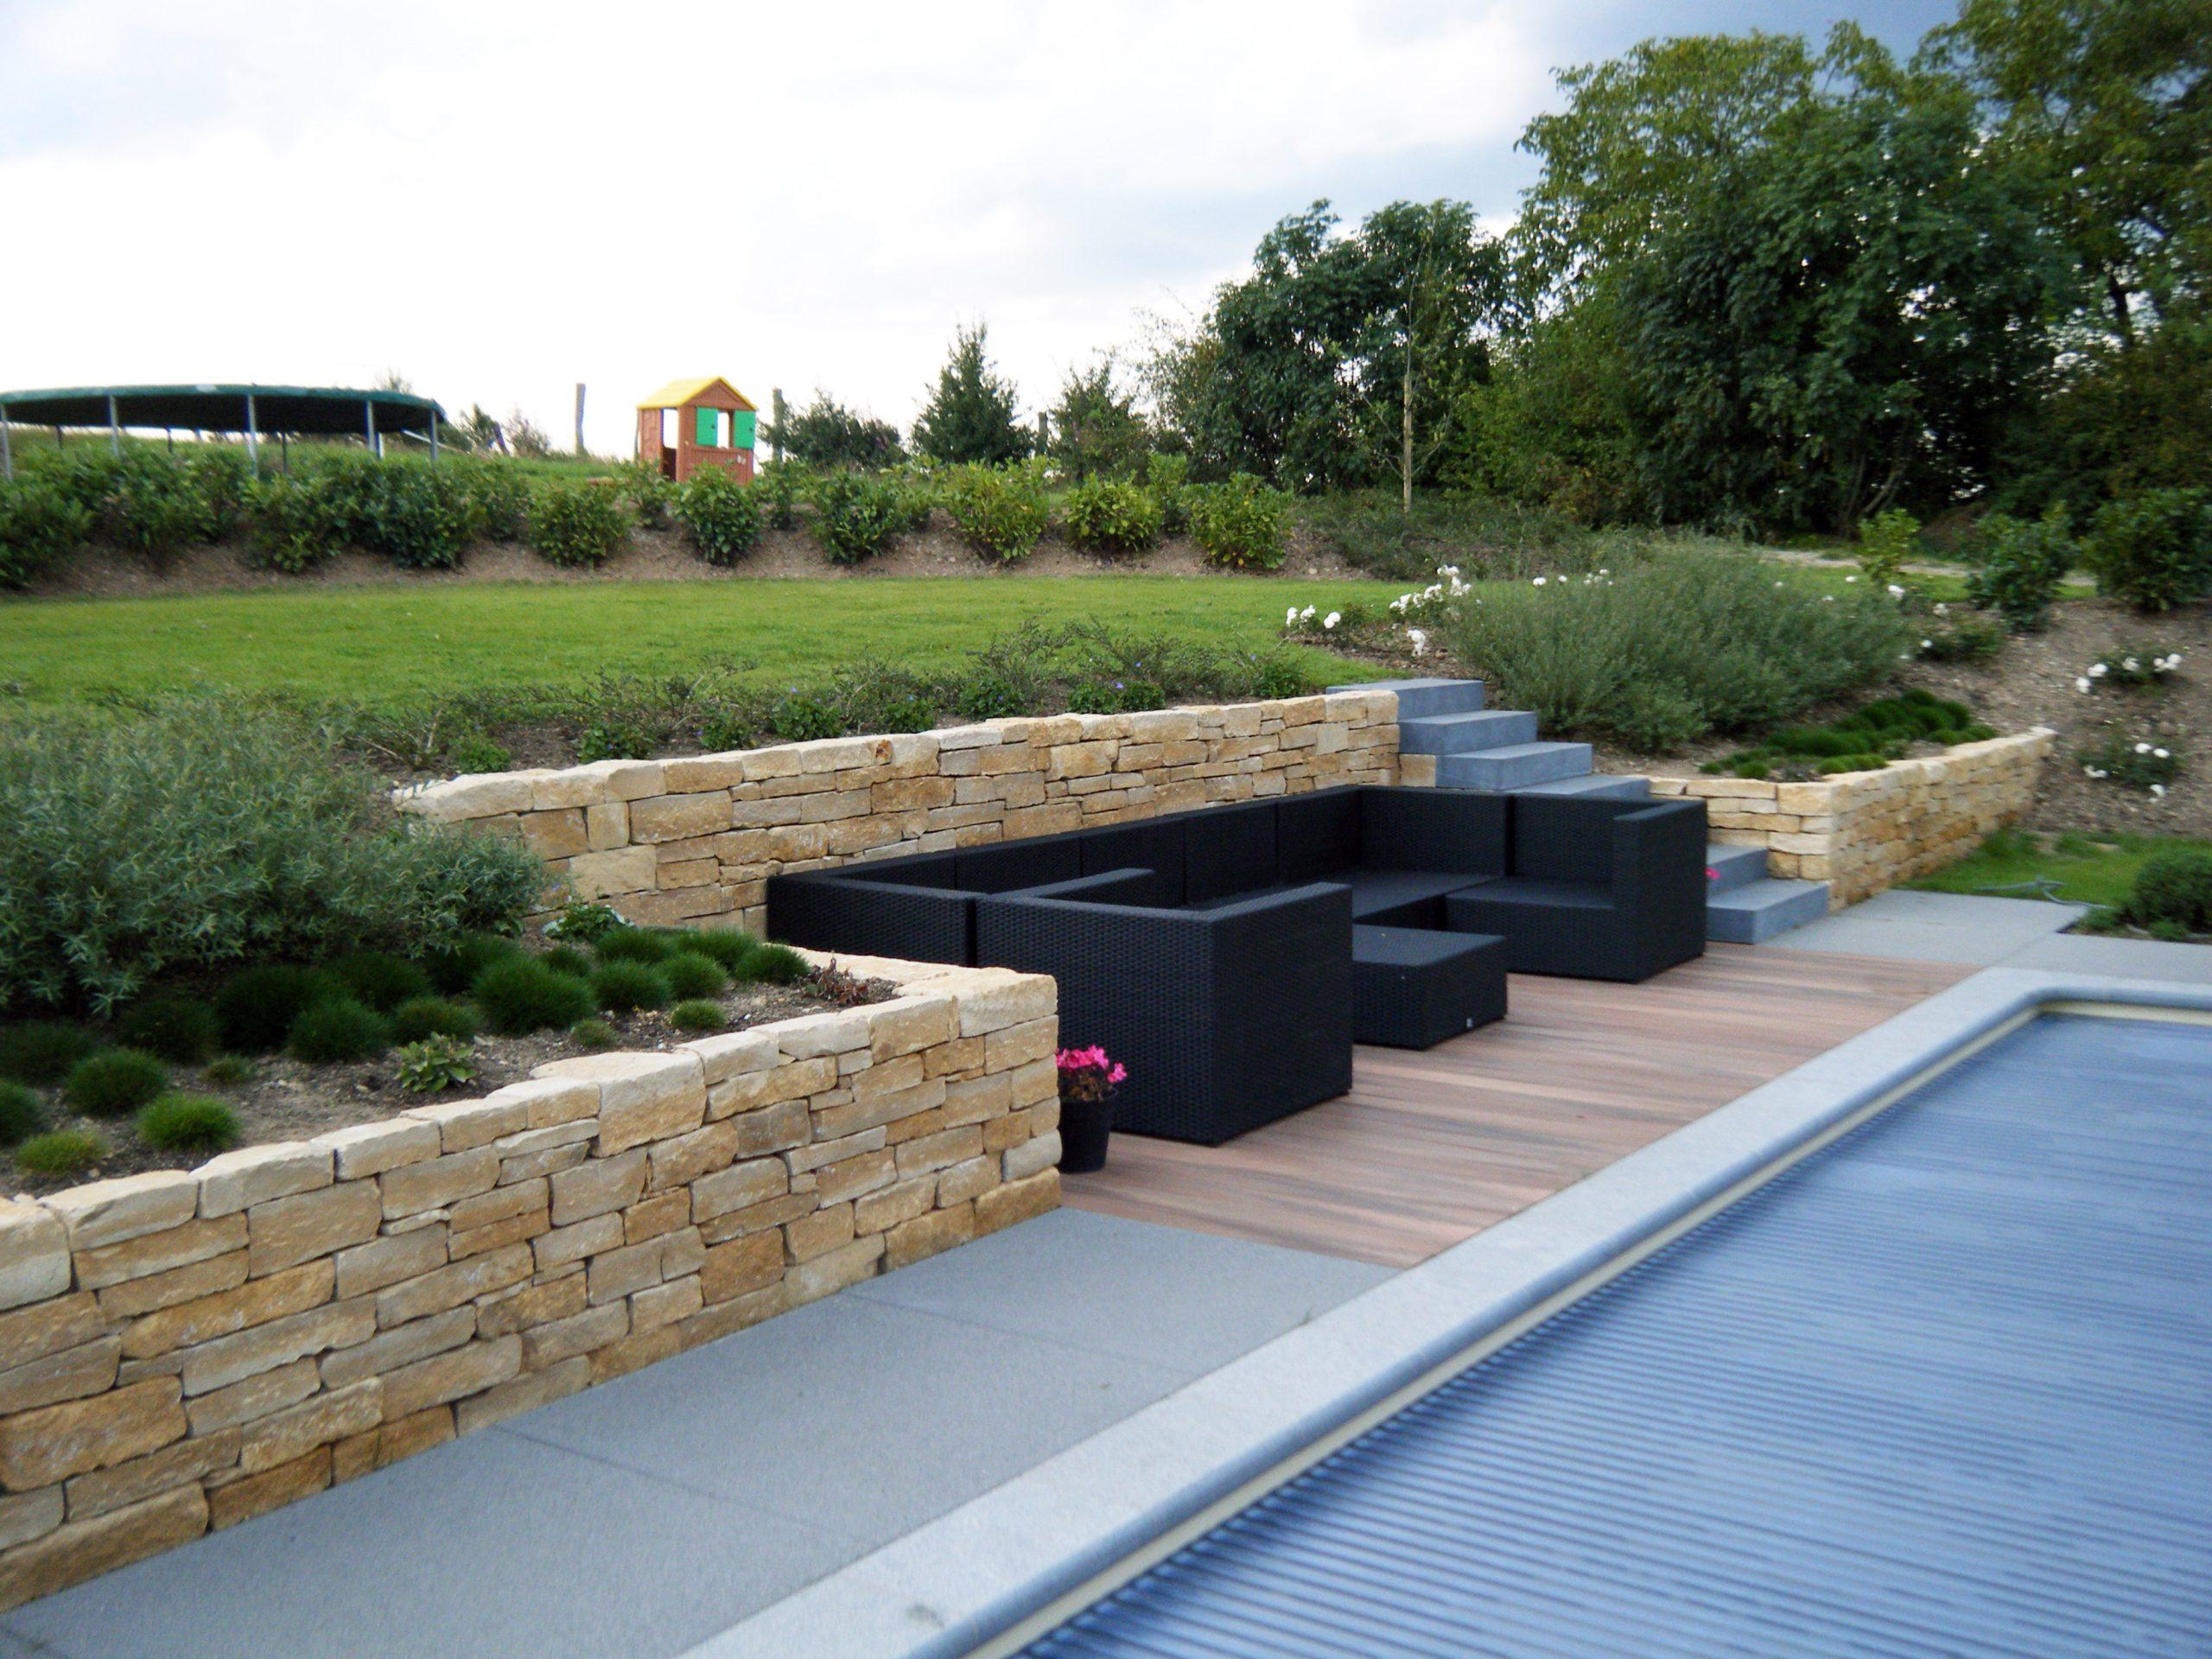 Aménagement De Jardin, Terrasse, Pavage Arlon - Attert pour Amenagement Jardin Belgique